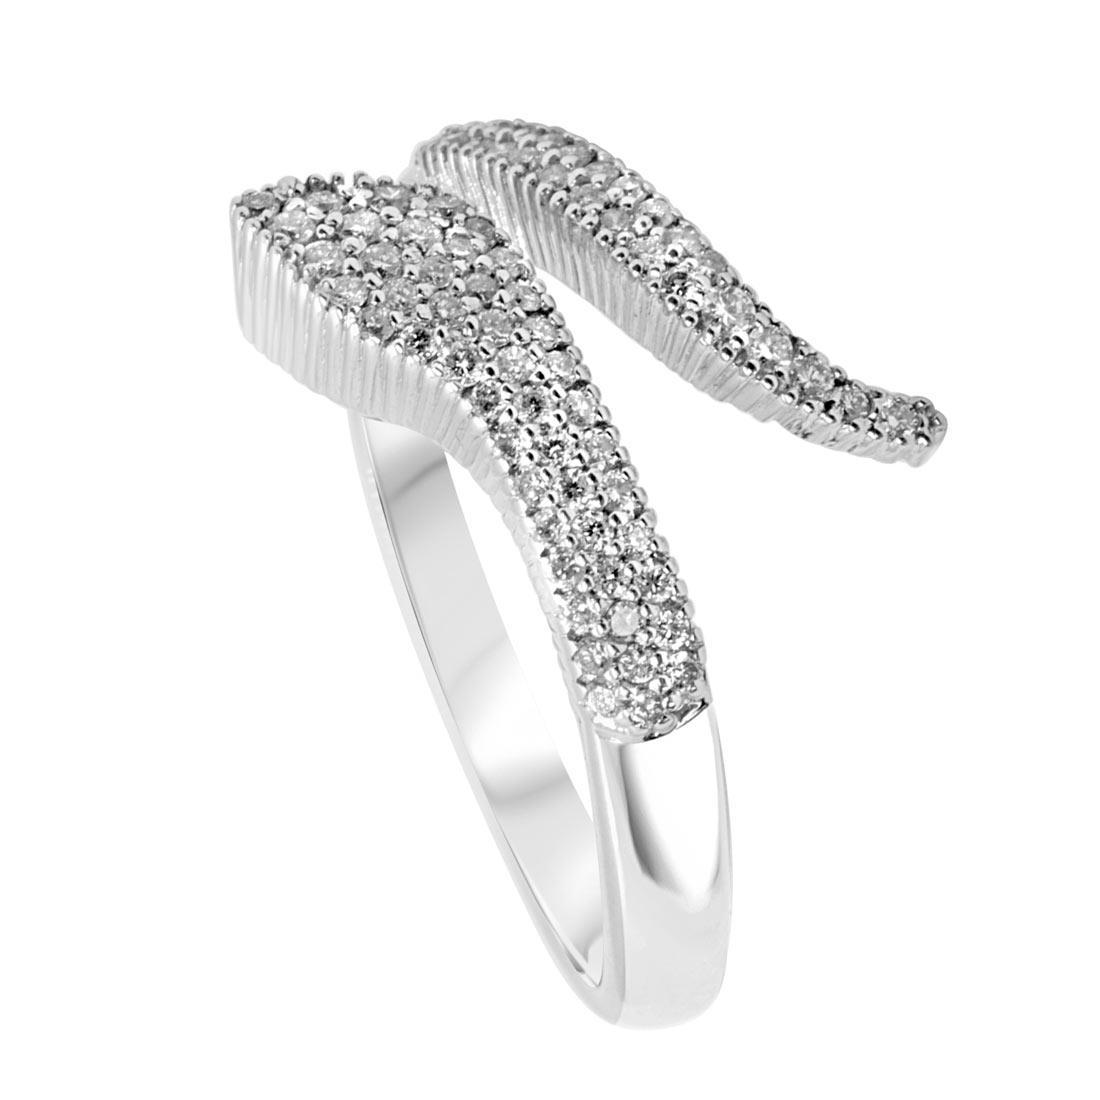 Anello Alfieri & St John in oro bianco con diamanti ct 0,27  - ALFIERI ST JOHN